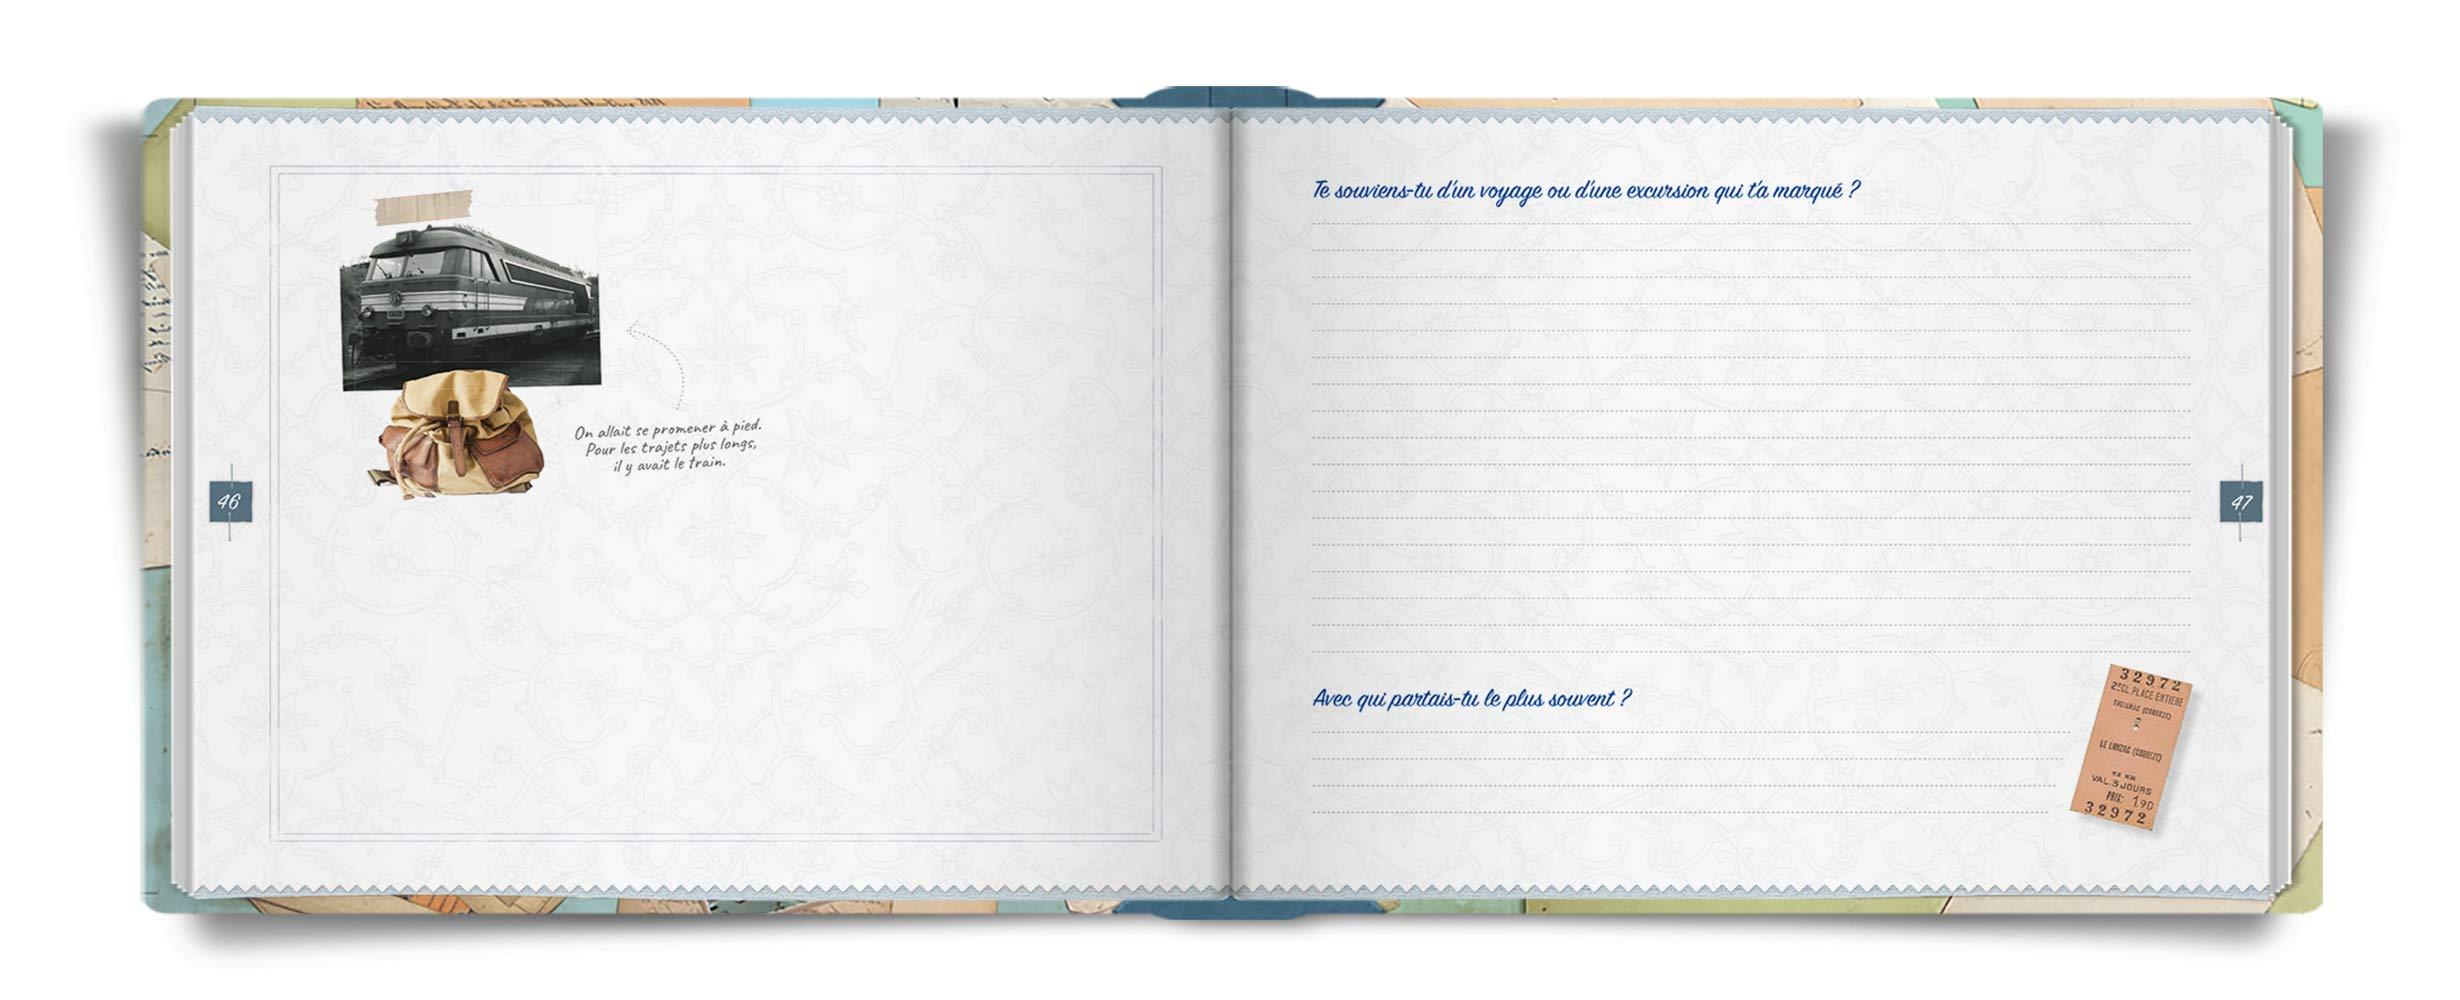 Amazon Fr Papy Parle Nous De Toi Eurydice Antolin